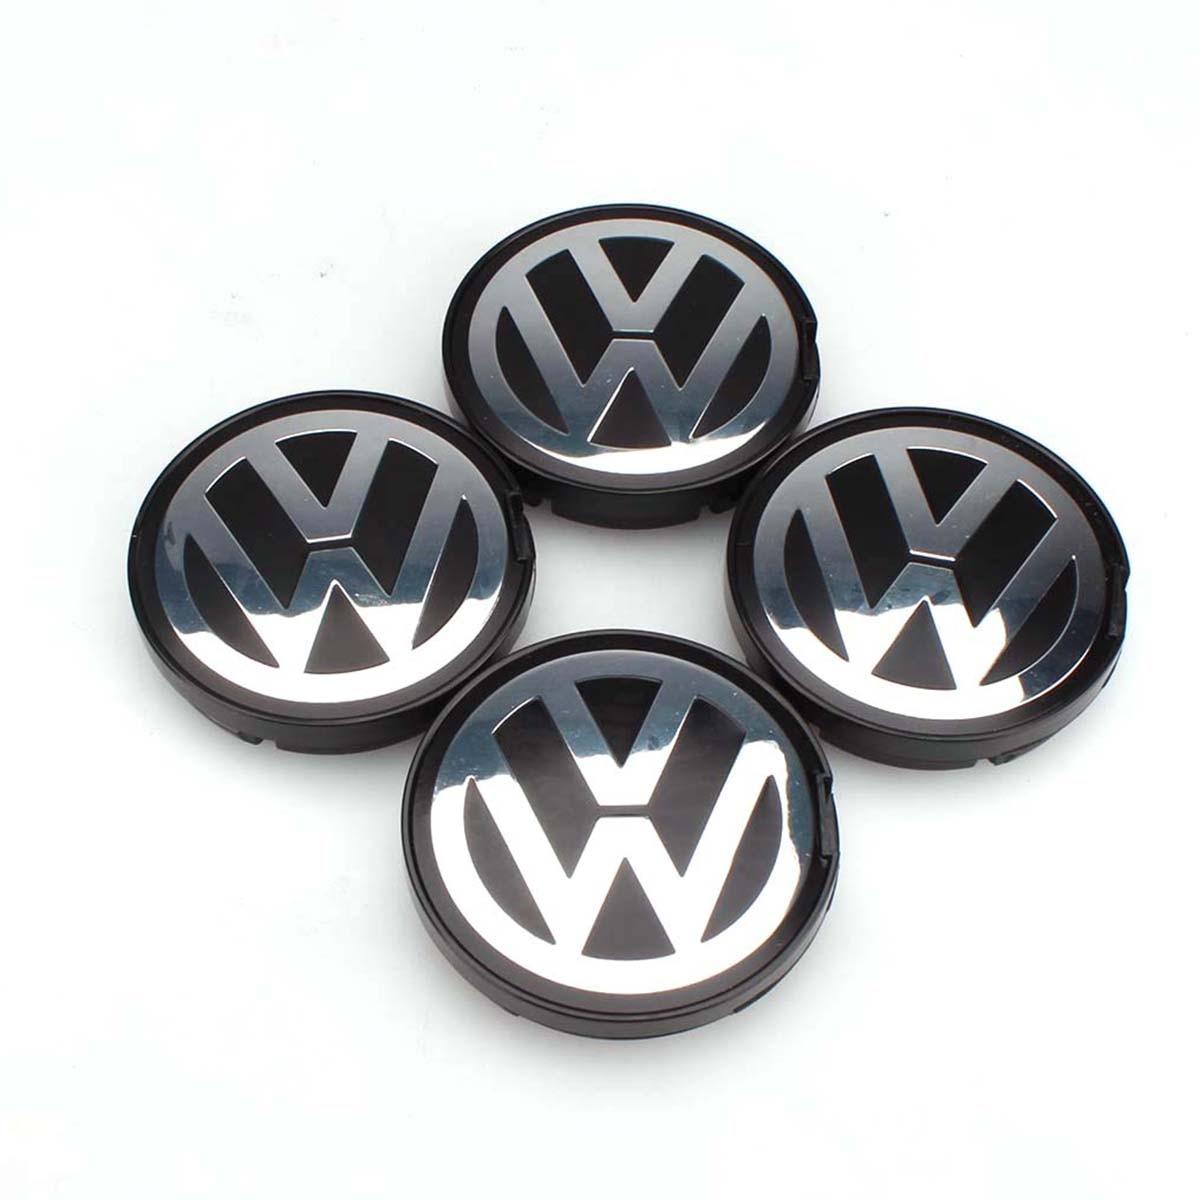 OEM Hub Logo Emblème 55mm Center De Roue Cap Couverture pour VW Golf Jetta Passat GTI R32 Bora 6N0 601 171